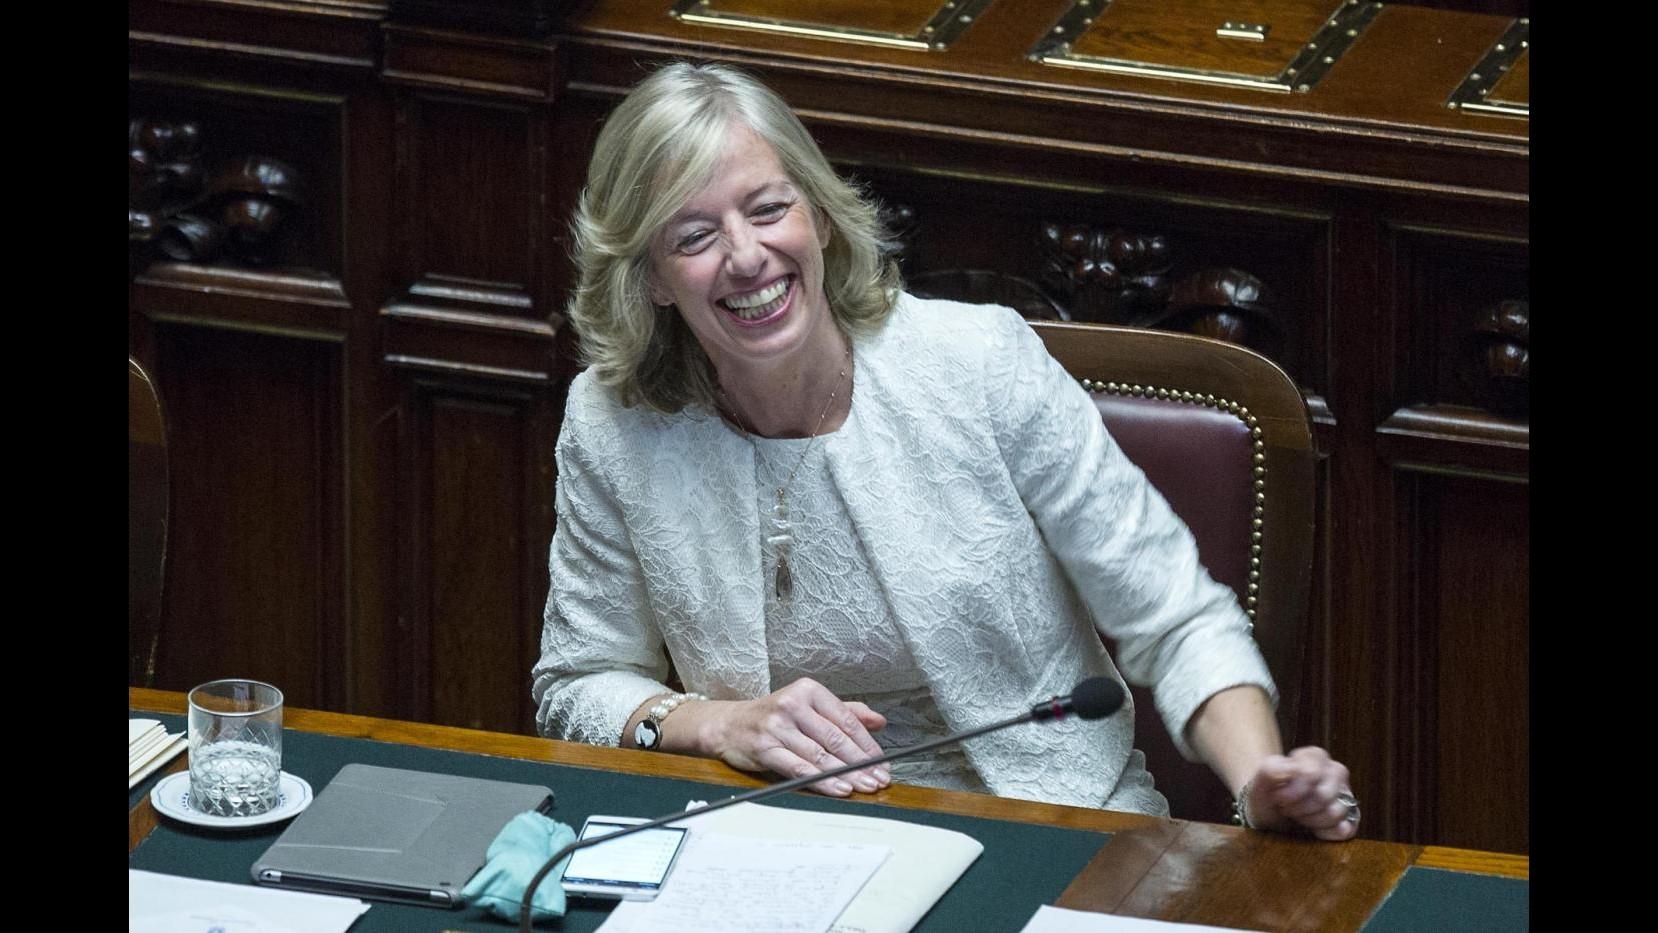 Scuola, Giannini firma decreto su aggiornamento professionale docenti